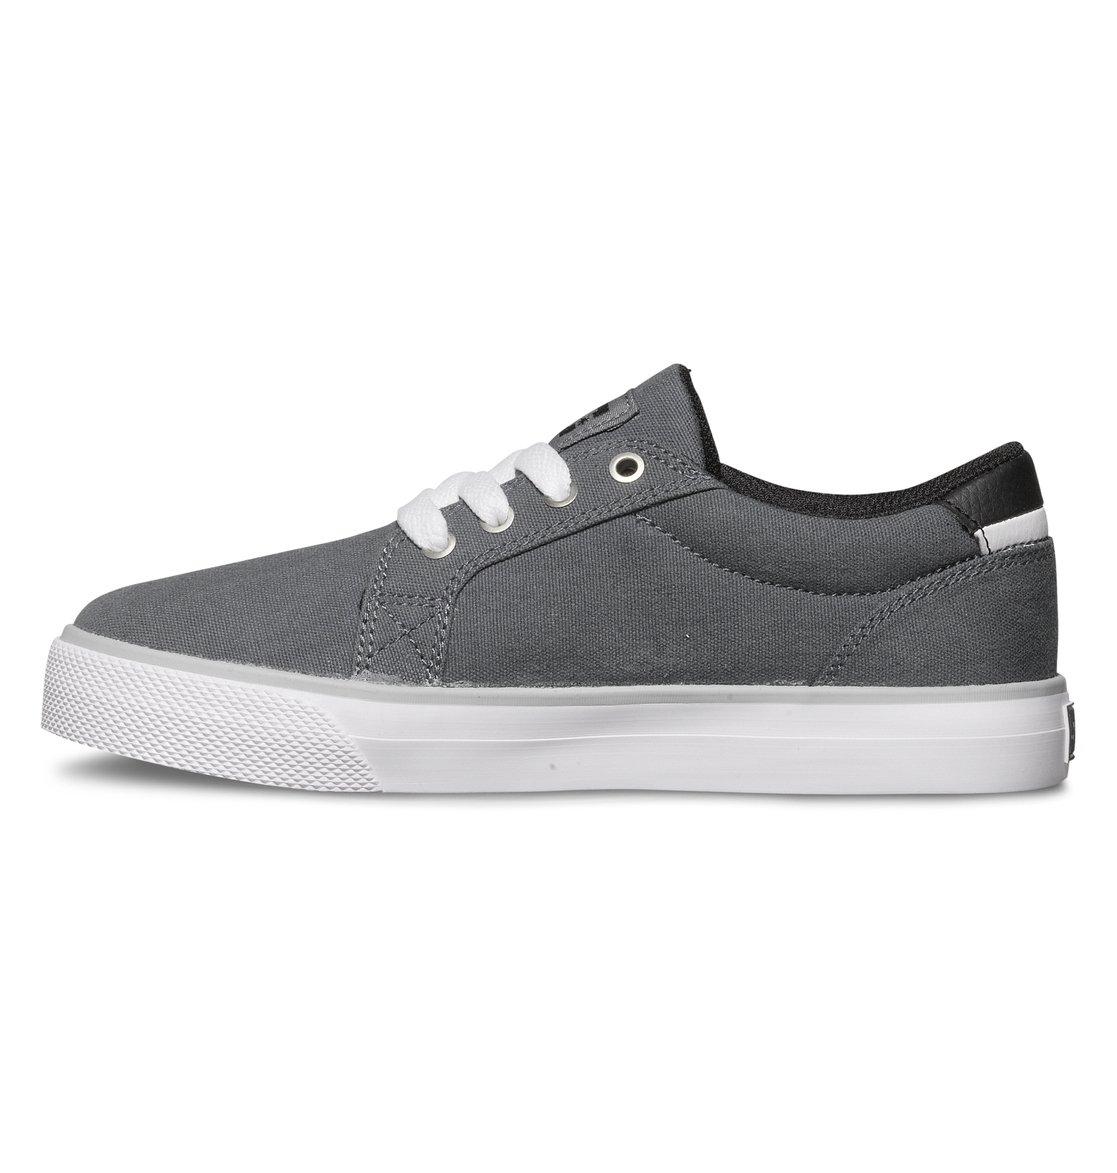 DC Shoes Council TX - Zapatillas bajas - niño - EU 38